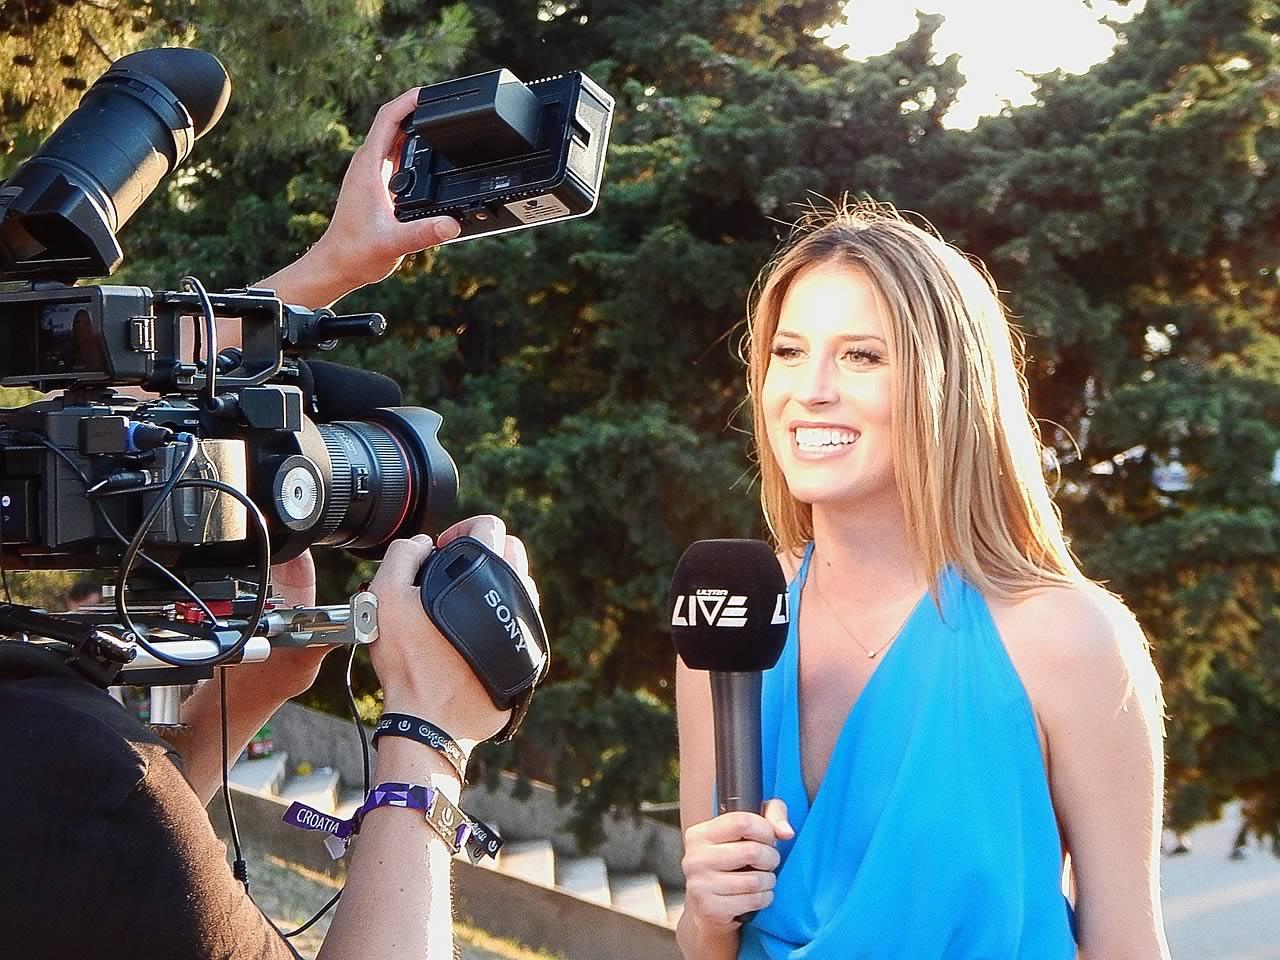 Attirer les journalistes pour faire parler de soi